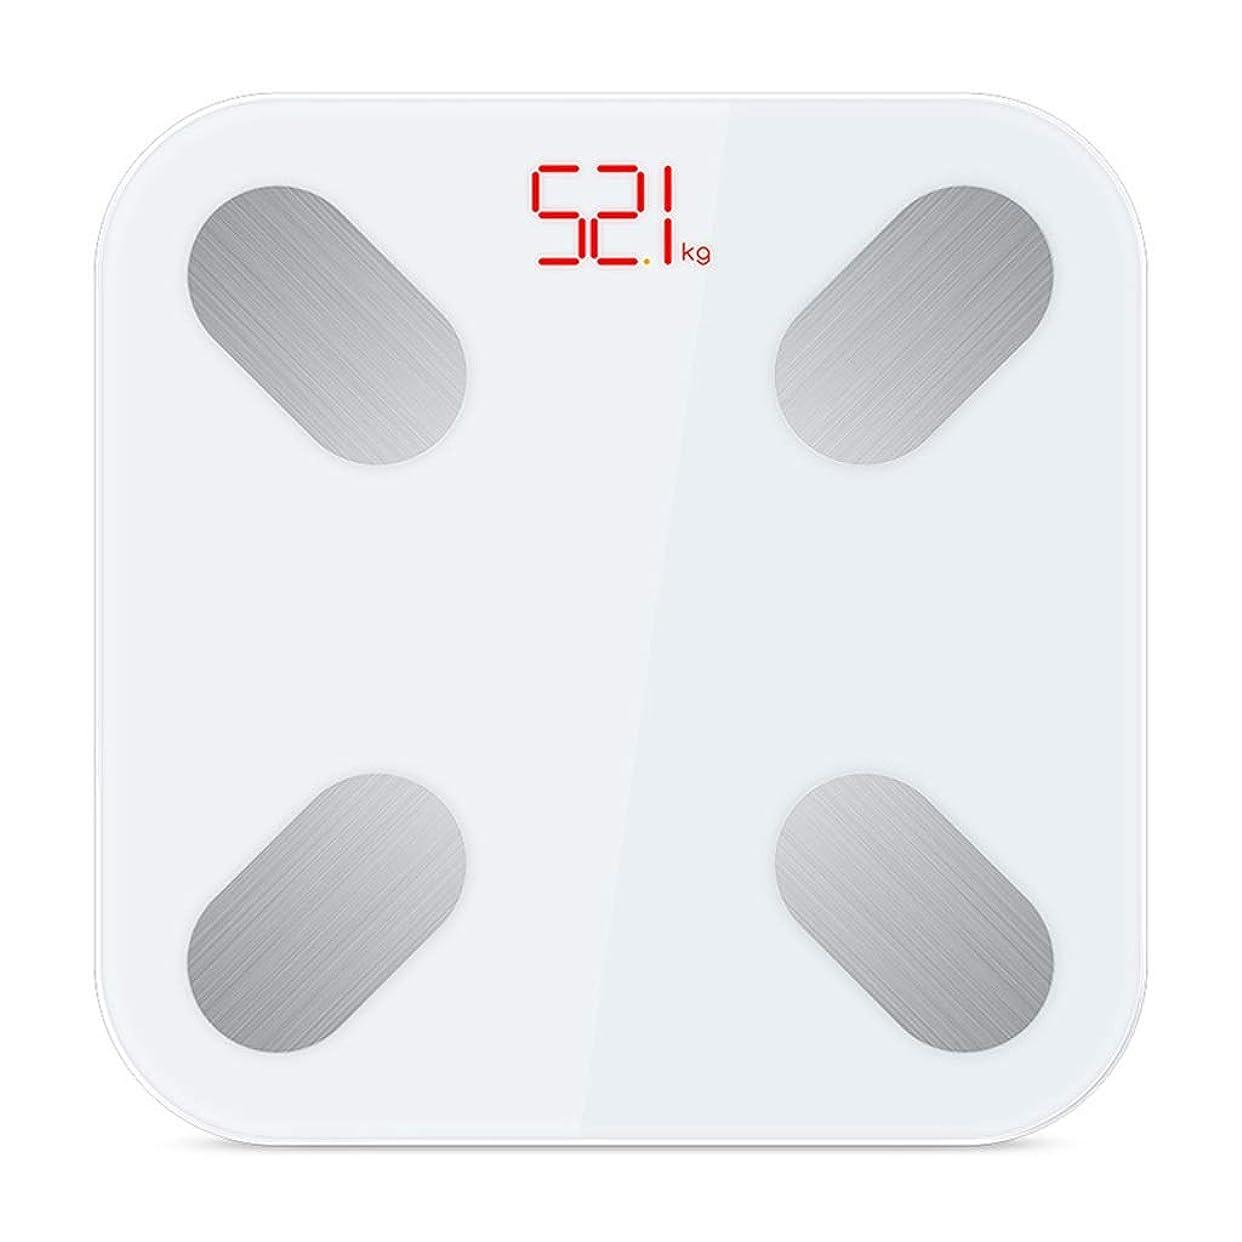 発生器ランク必須体重計正確な電子スケールホームヒューマンヘルス減量スケール大人の赤ちゃんミニスケール ZHJING